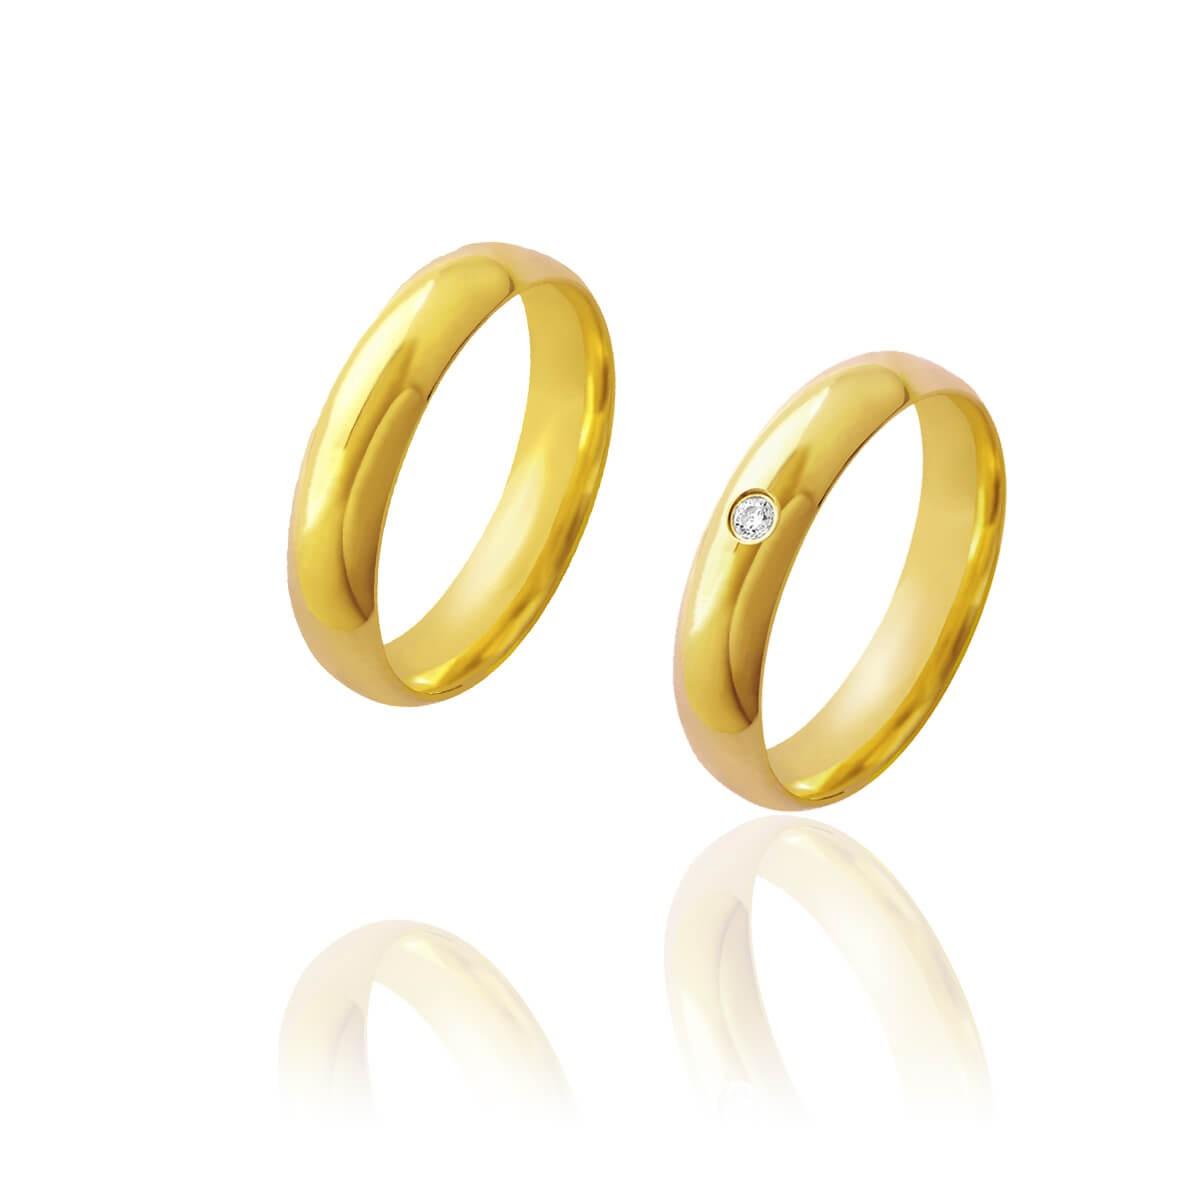 Par de Alianças de Casamento Afrodite Ouro 18k Abaulado com Brilhante Zircönia 5mm 5,4g